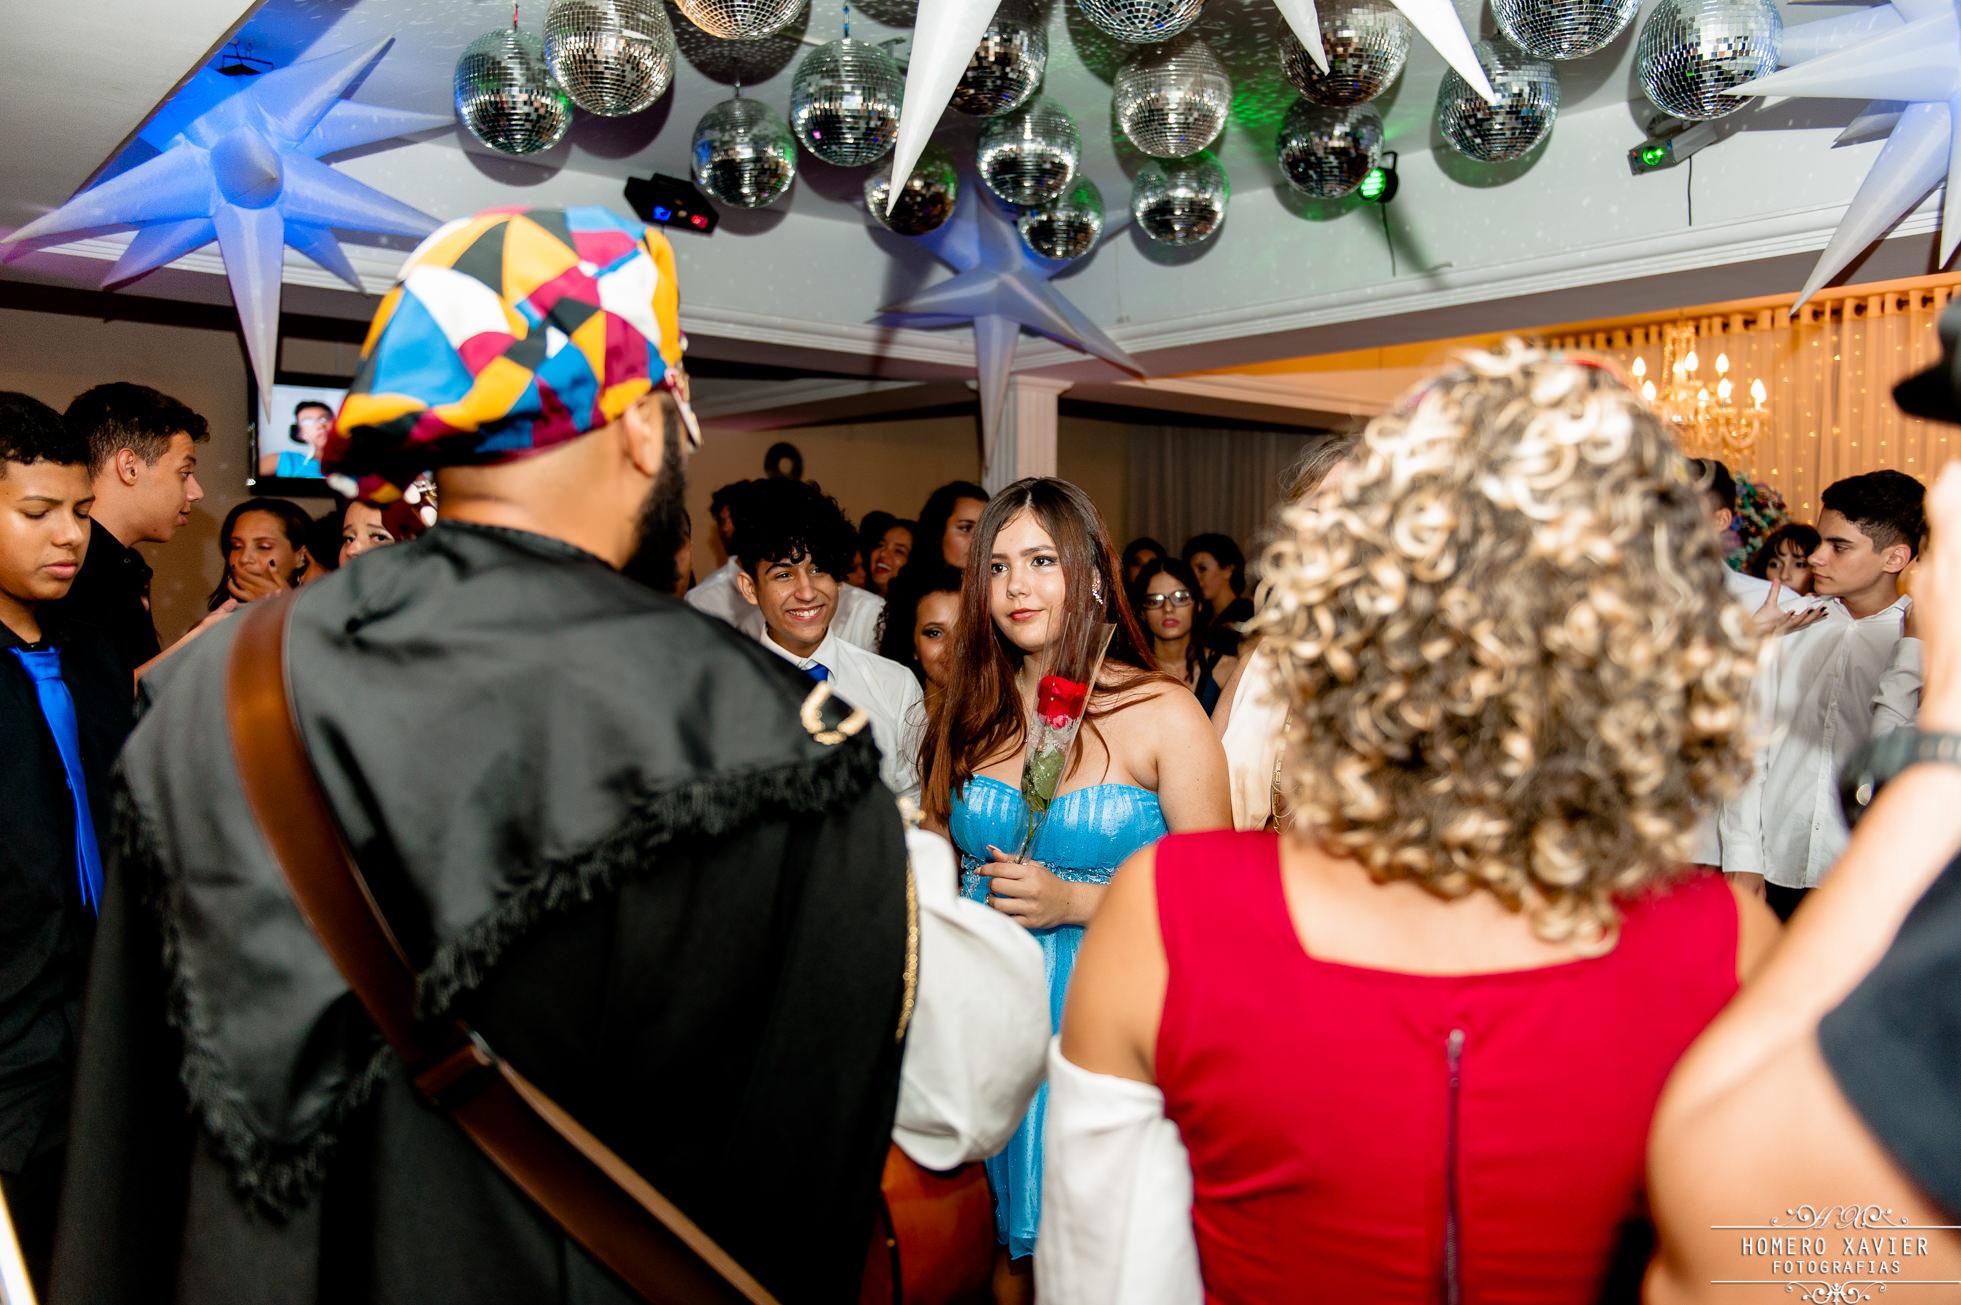 fotografia festa debutante 15 anos Espaco em Festa BH